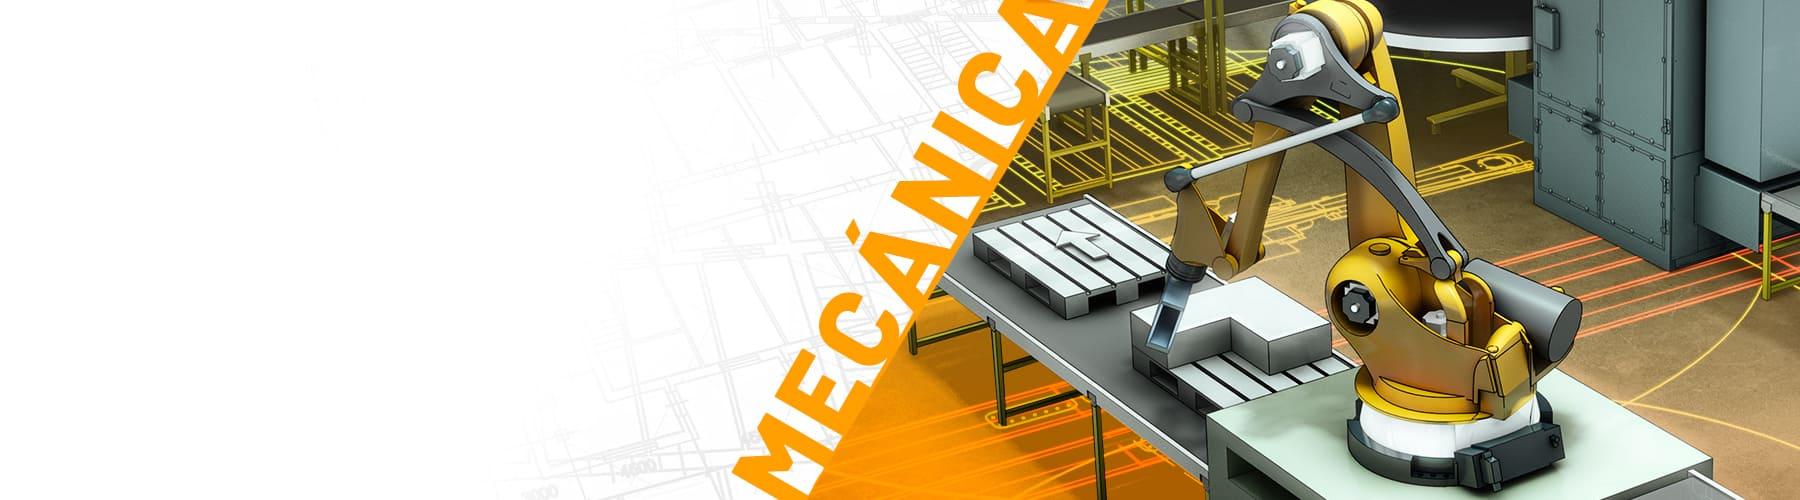 banner principal de manufactura semco